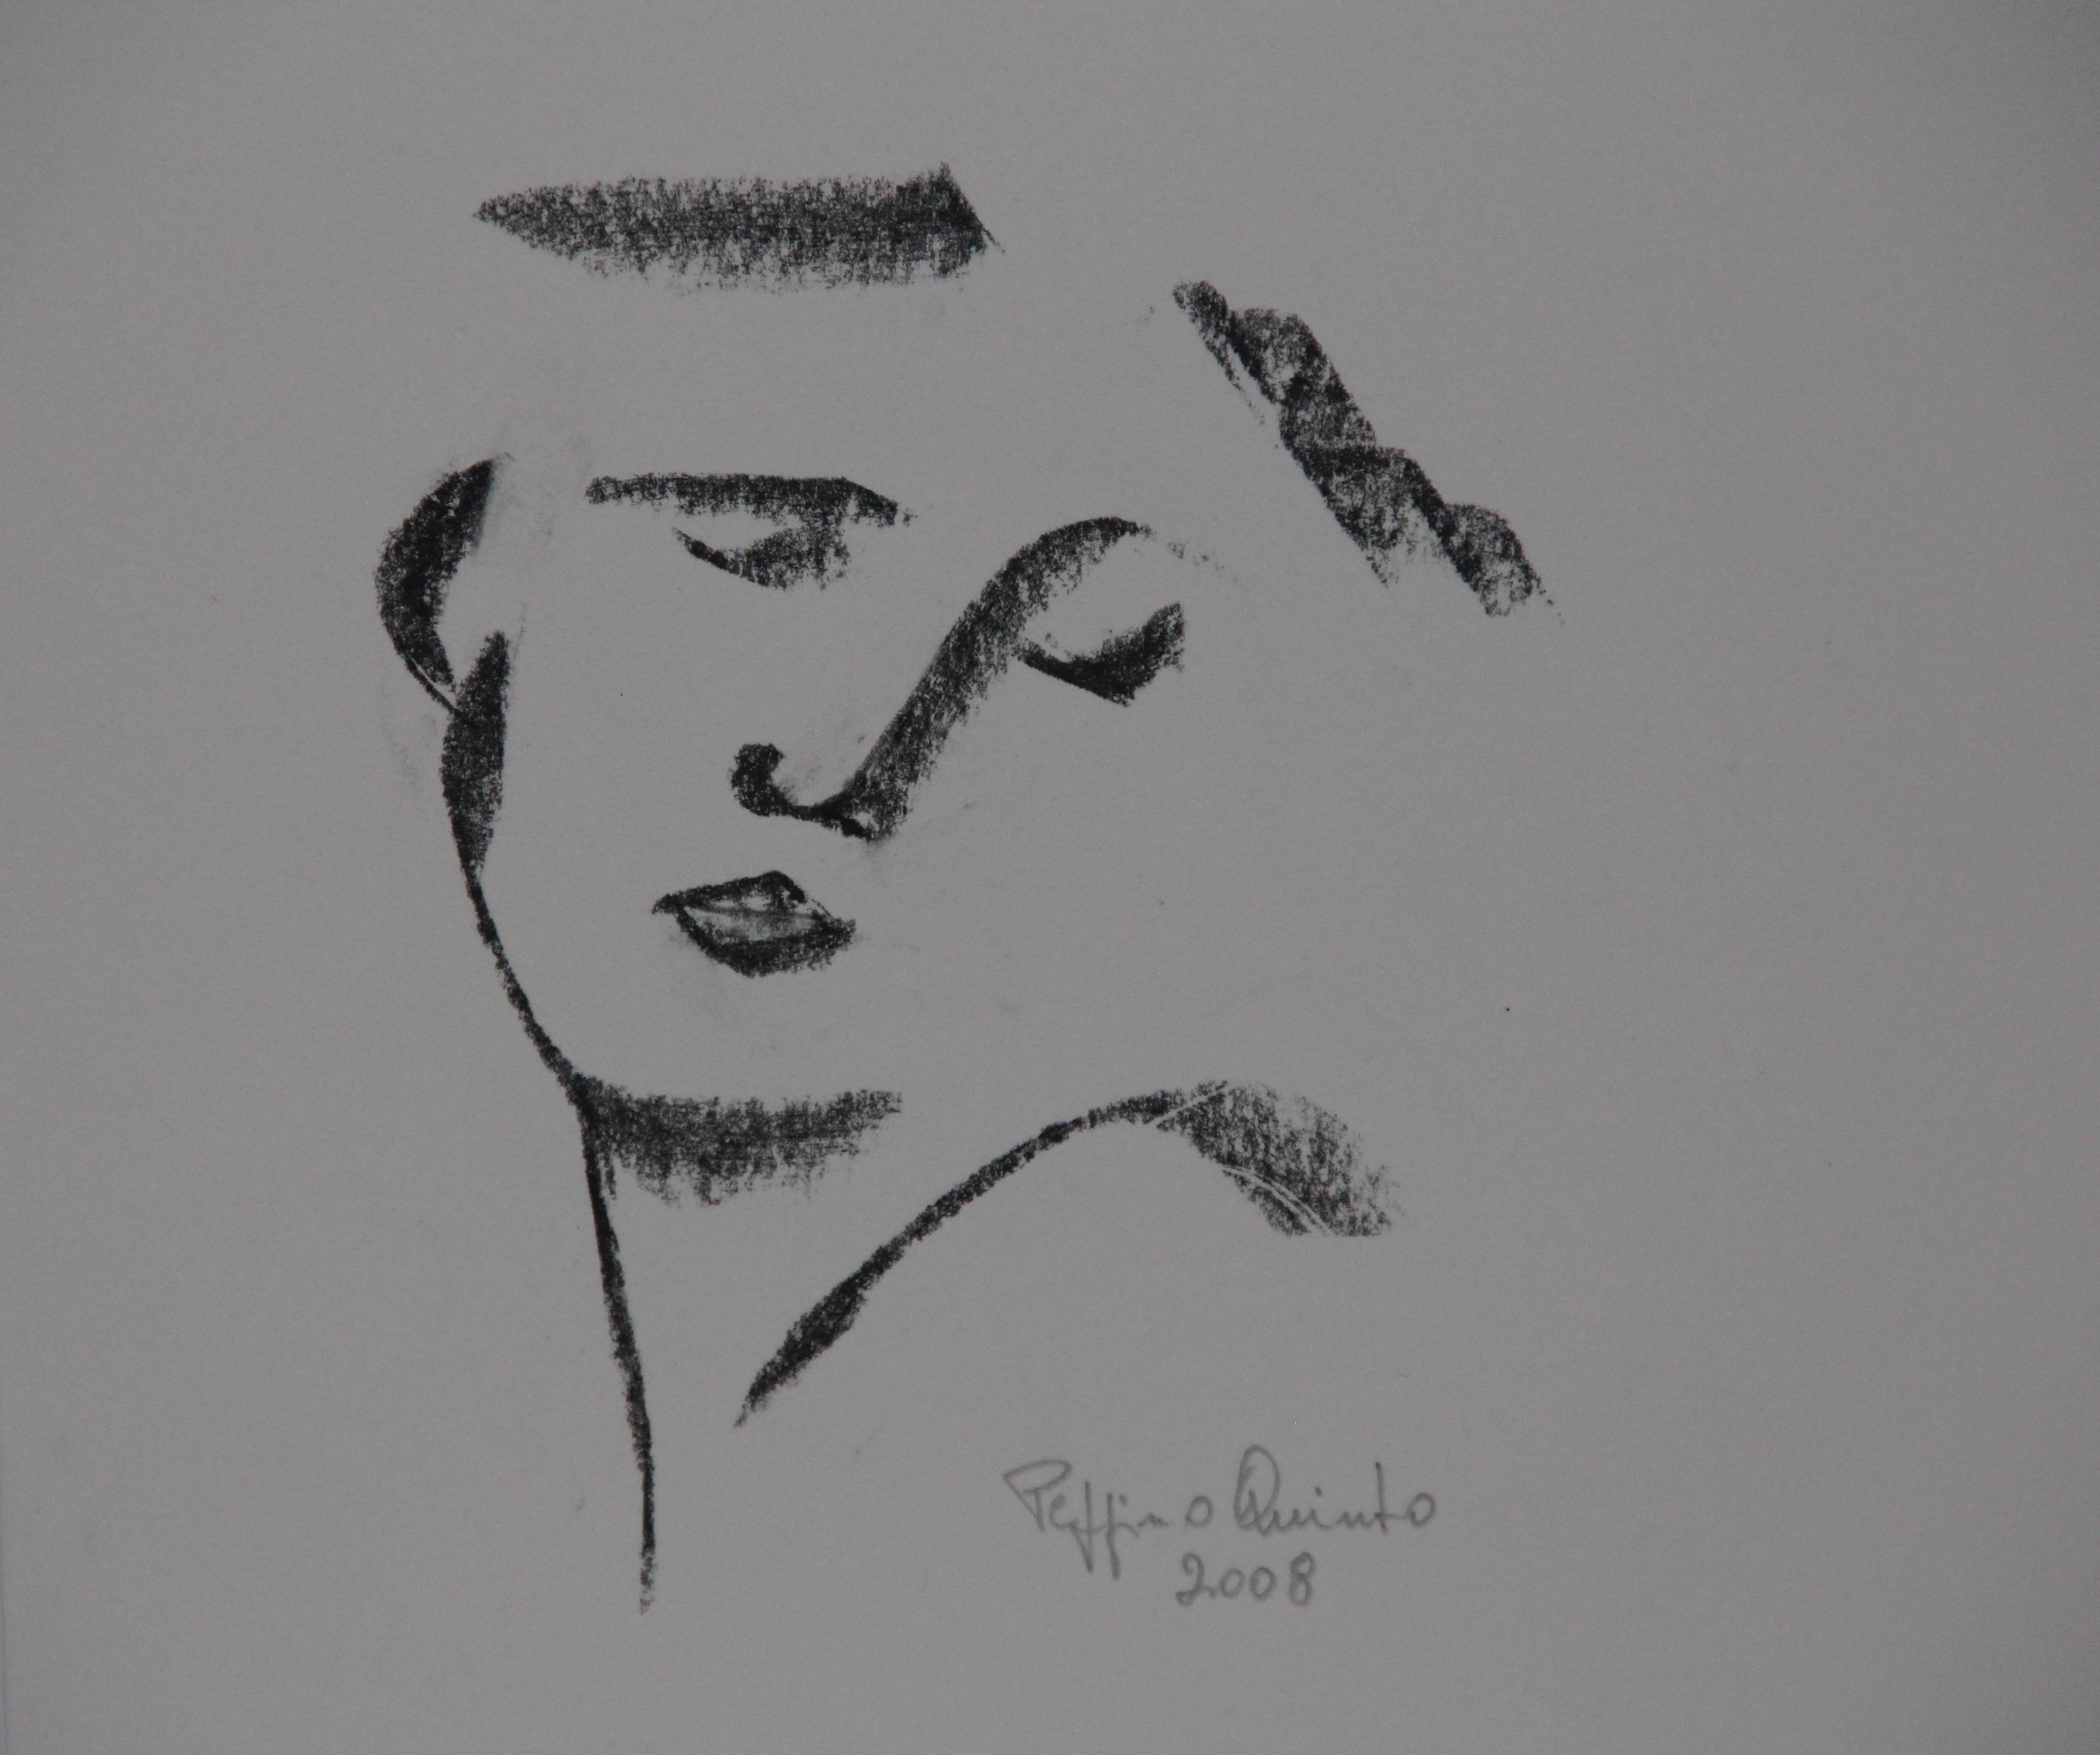 Volto, schizzo, 2008 - 22x22 cm